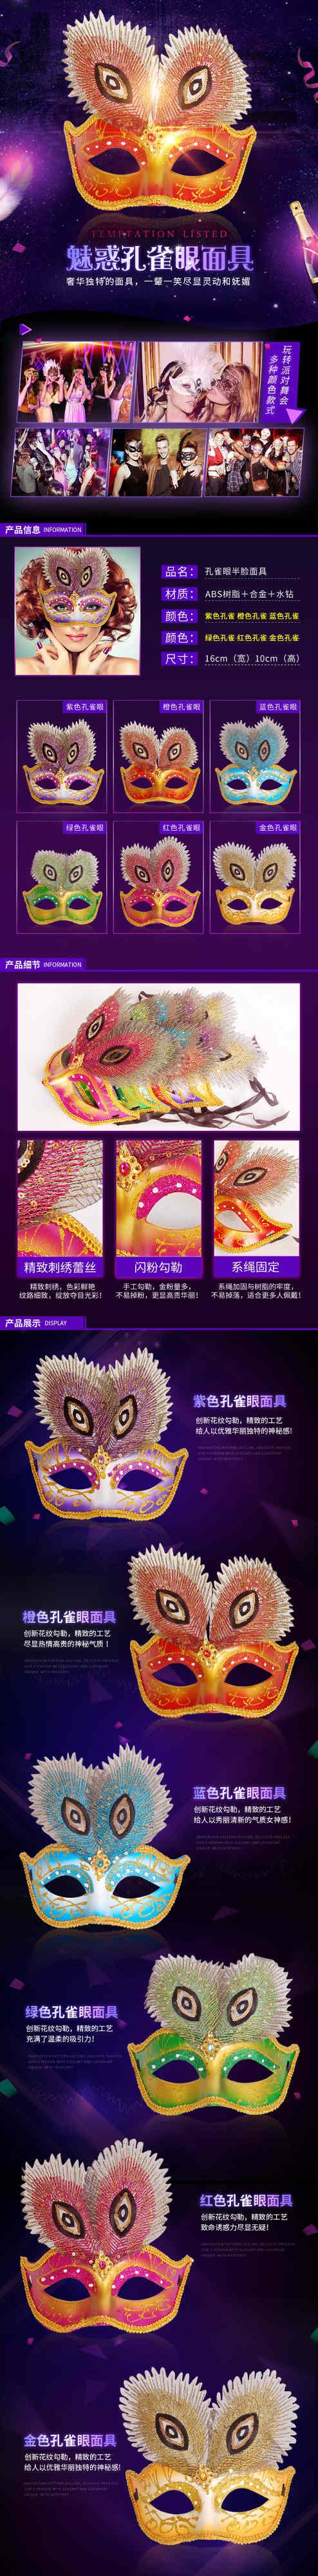 【淘寶設計】【商品詳情】孔雀眼面具